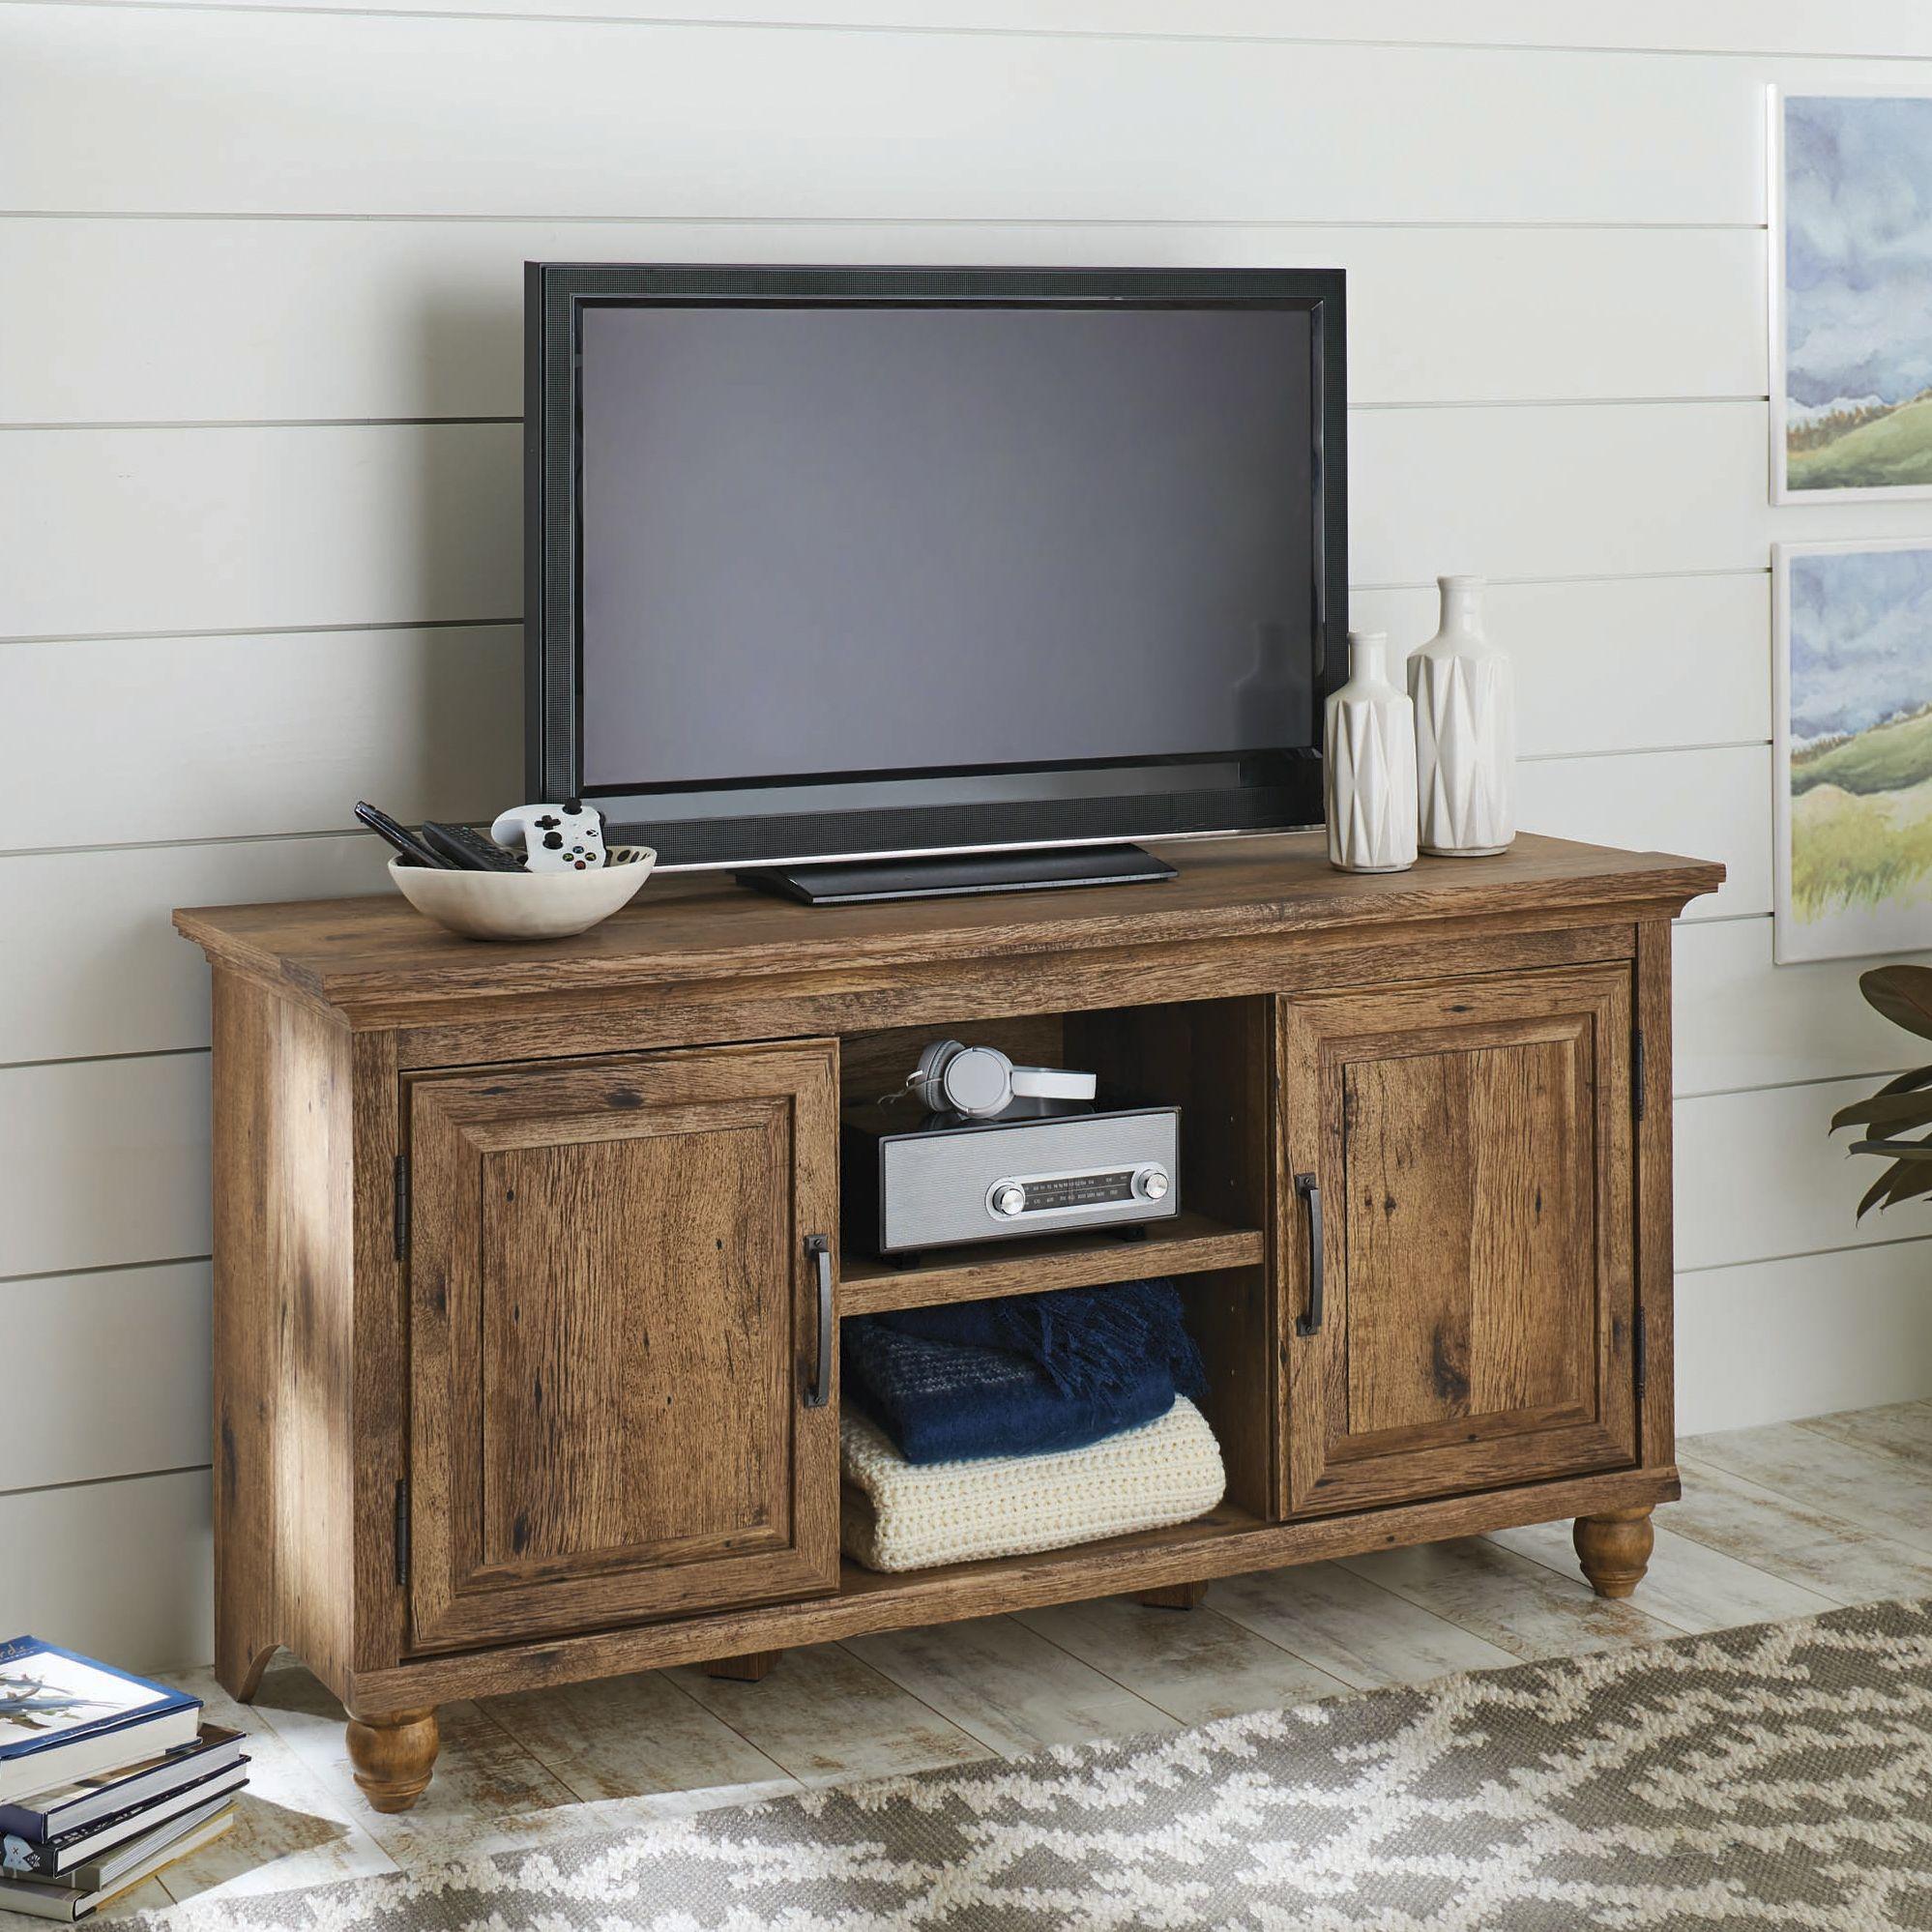 28b39d65943088e4a8819f9220f5b17b - Better Homes And Gardens Tv Stand Rustic